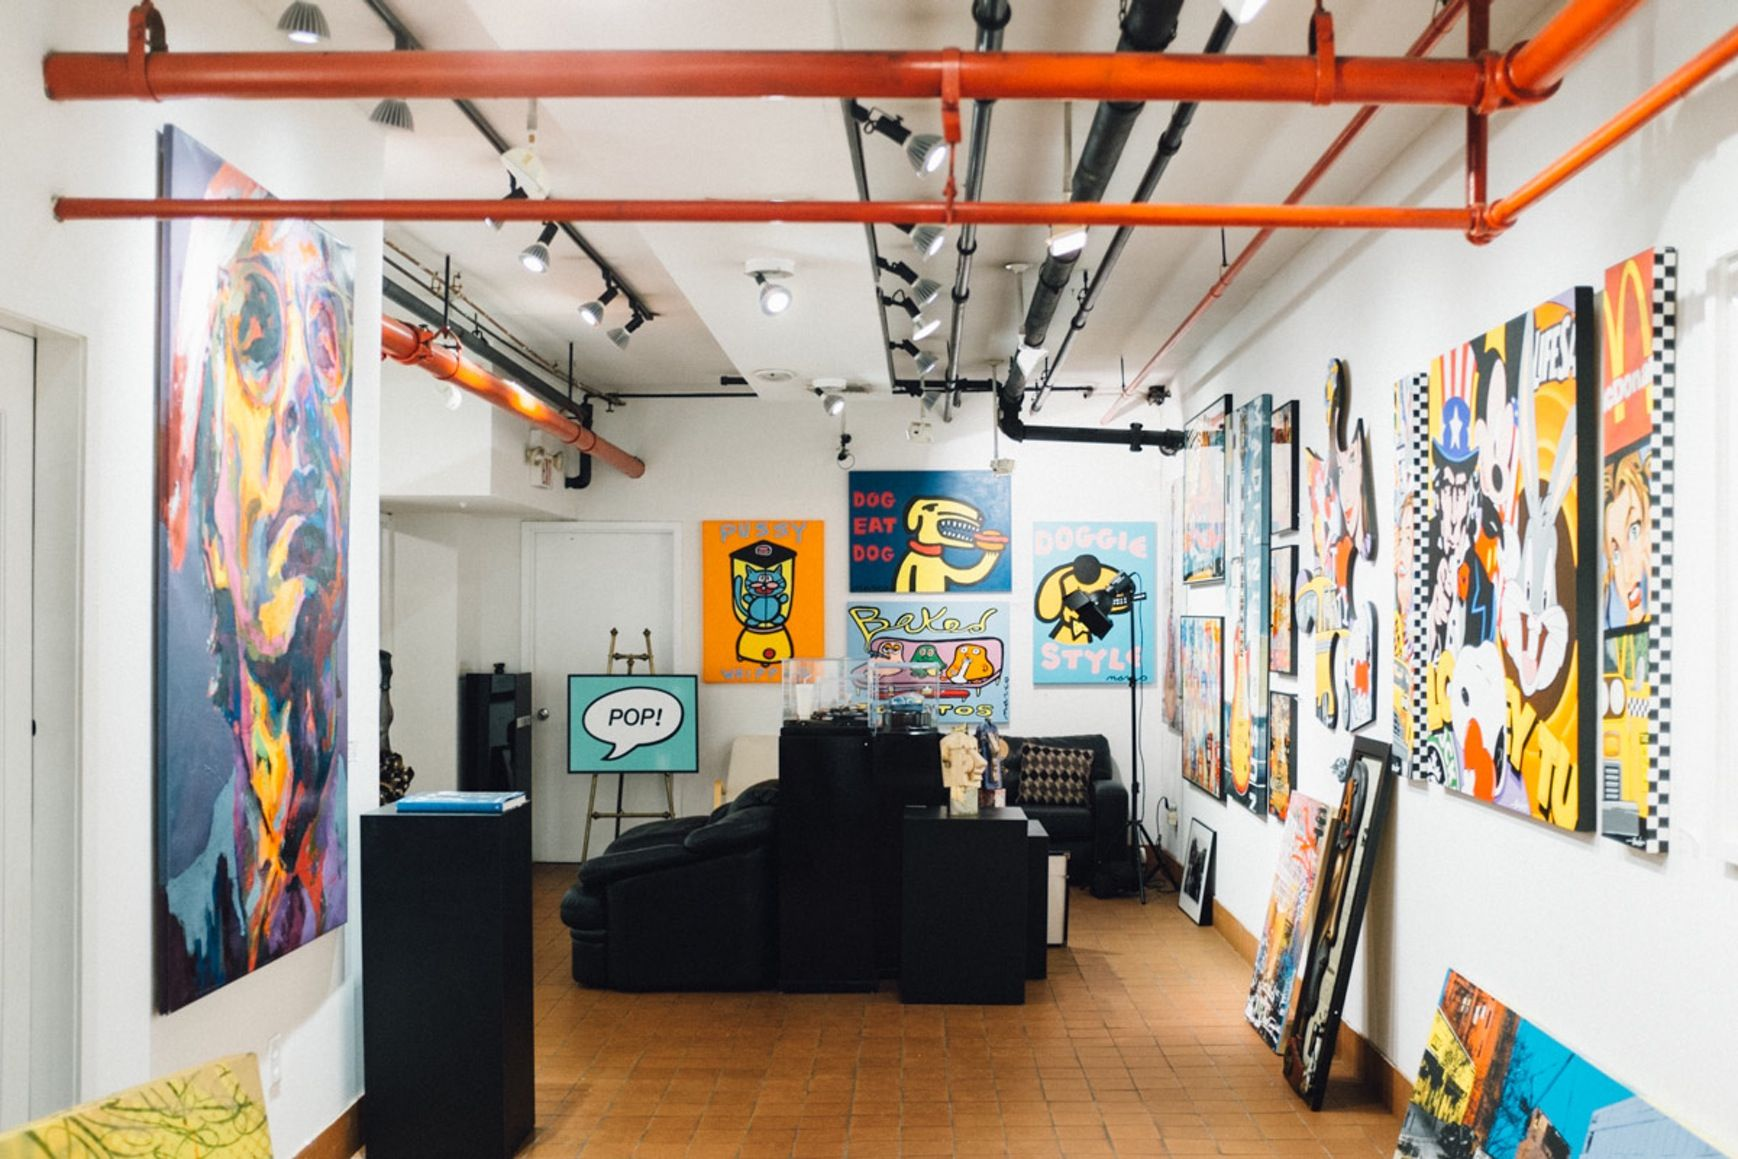 Αποτέλεσμα εικόνας για galleries manhatan